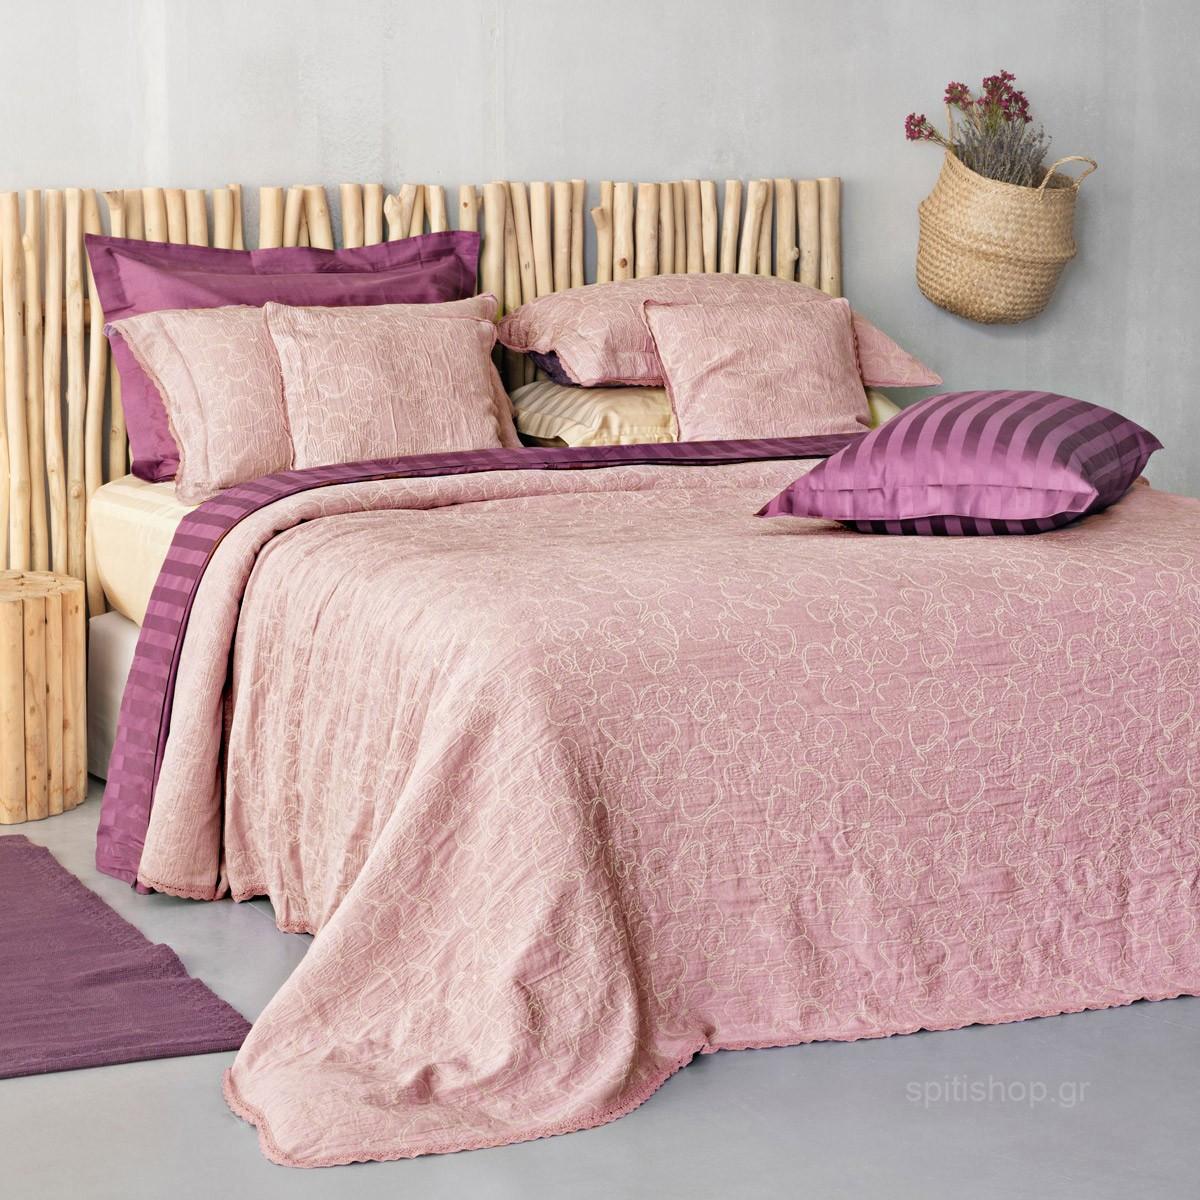 Διακοσμητική Μαξιλαροθήκη Palamaiki Daily 1162 Light Pink